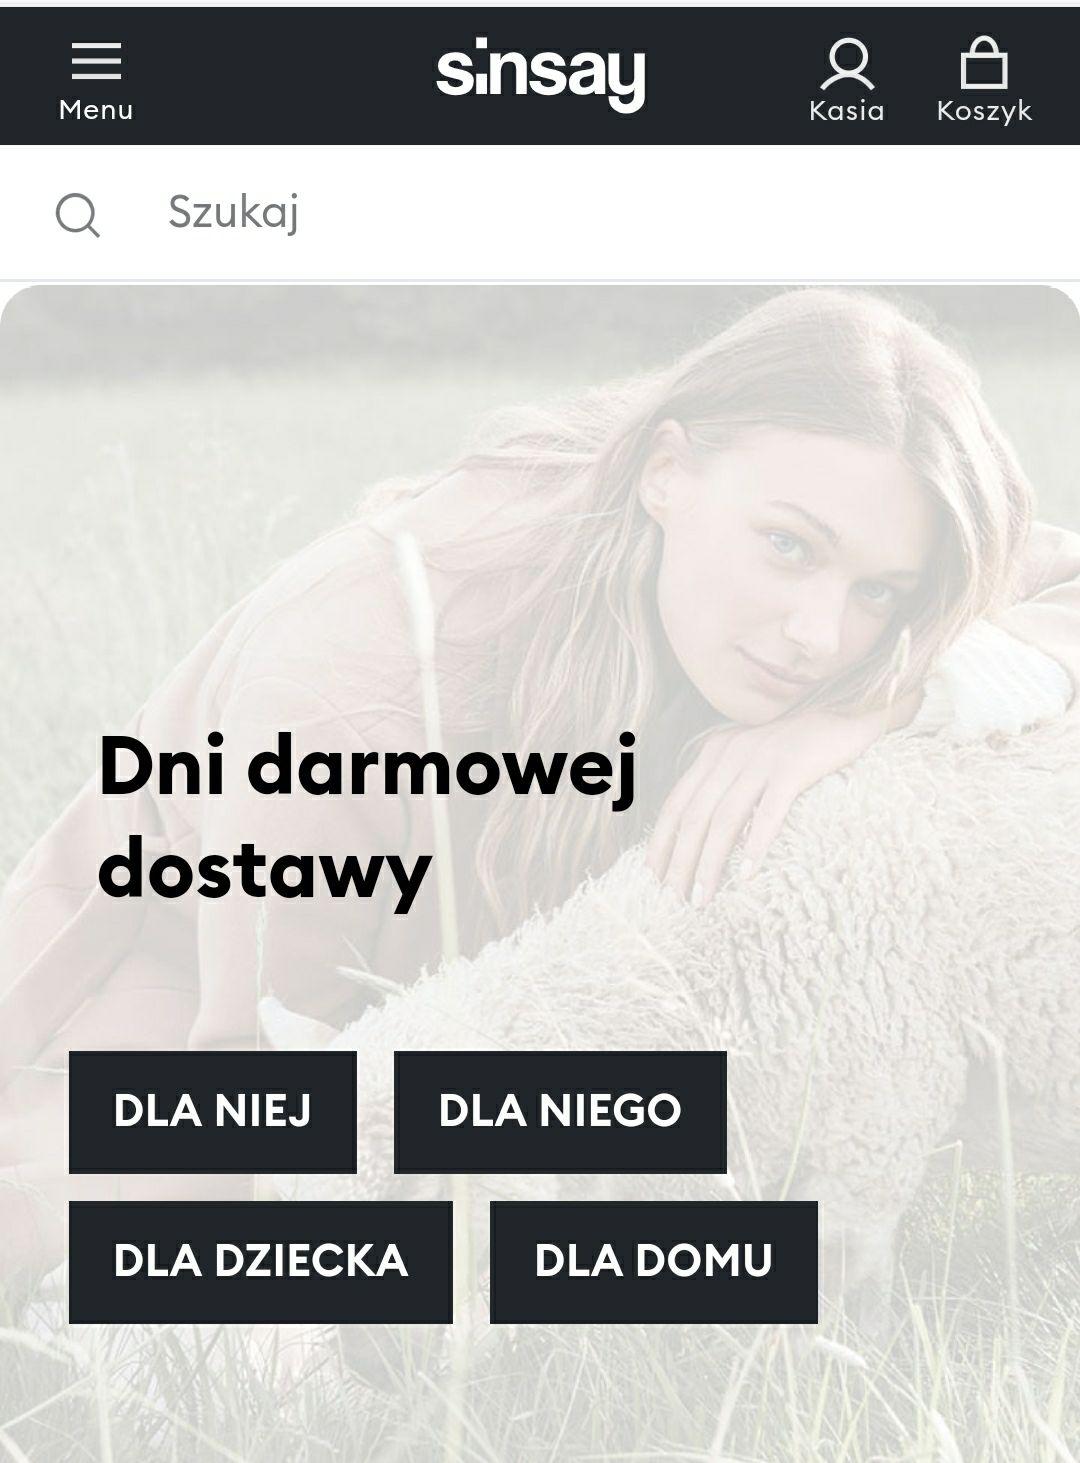 Darmowa dostawa w Sinsay